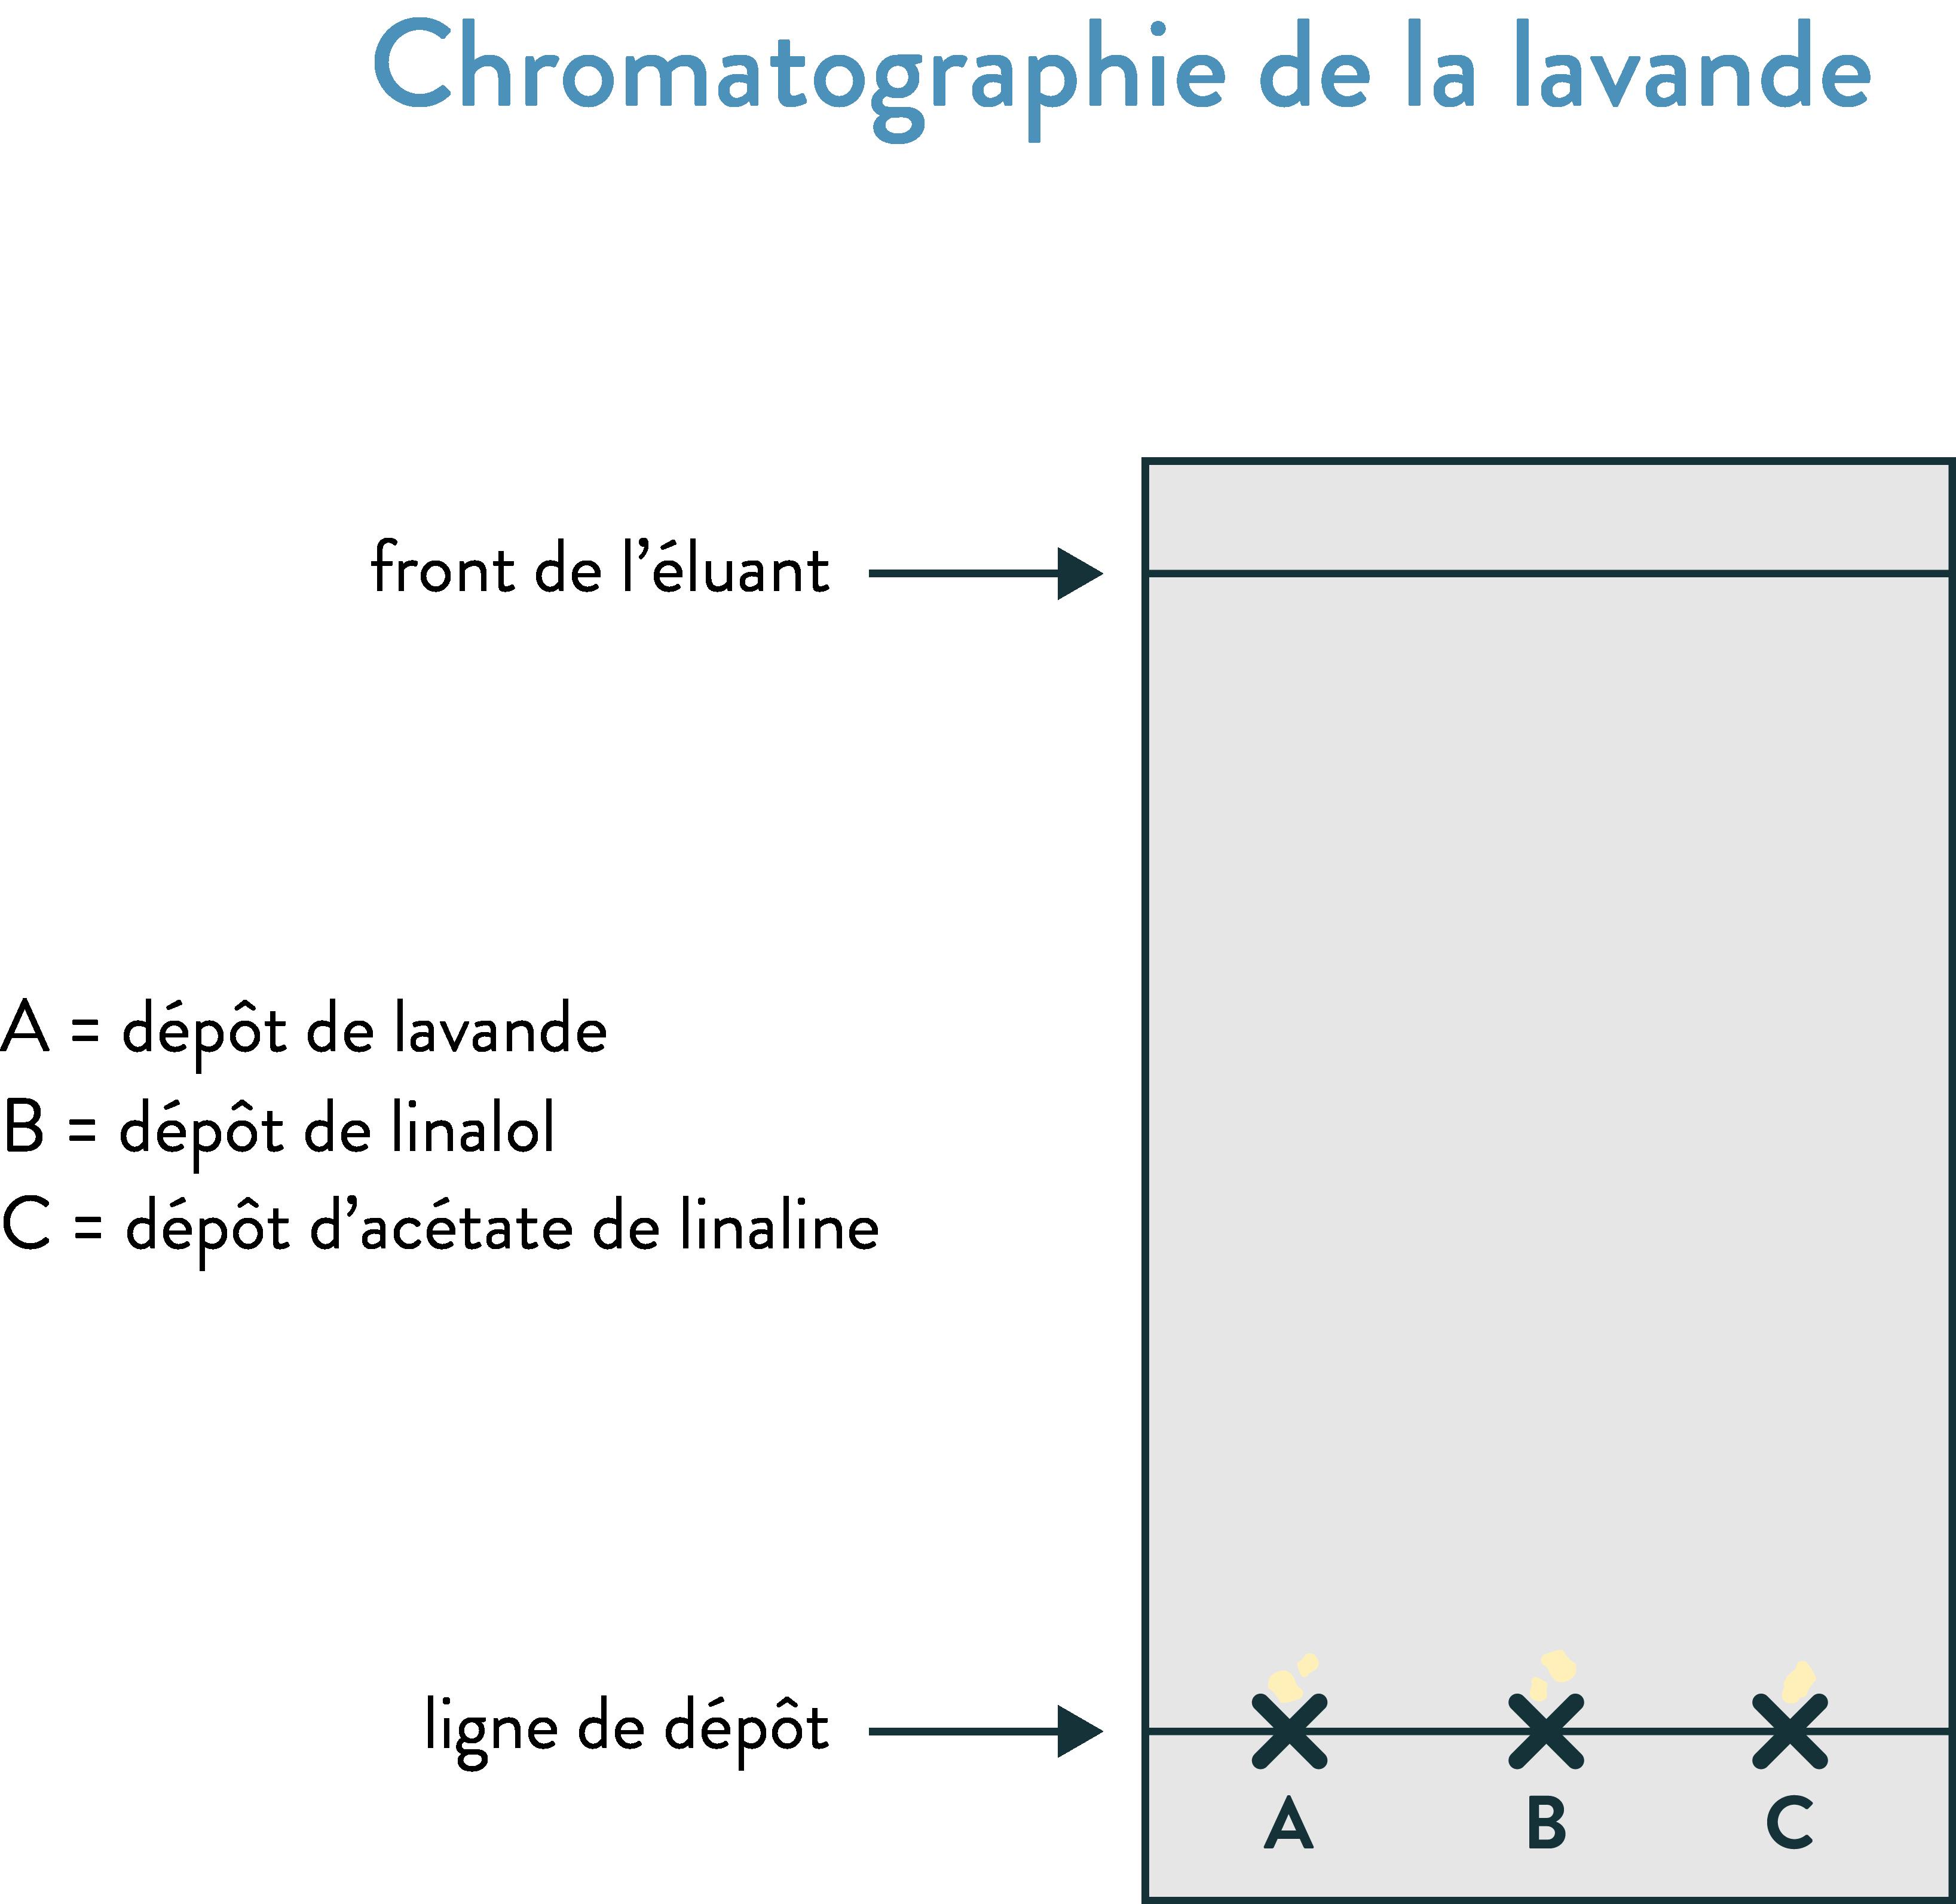 Chromatographie de la lavande